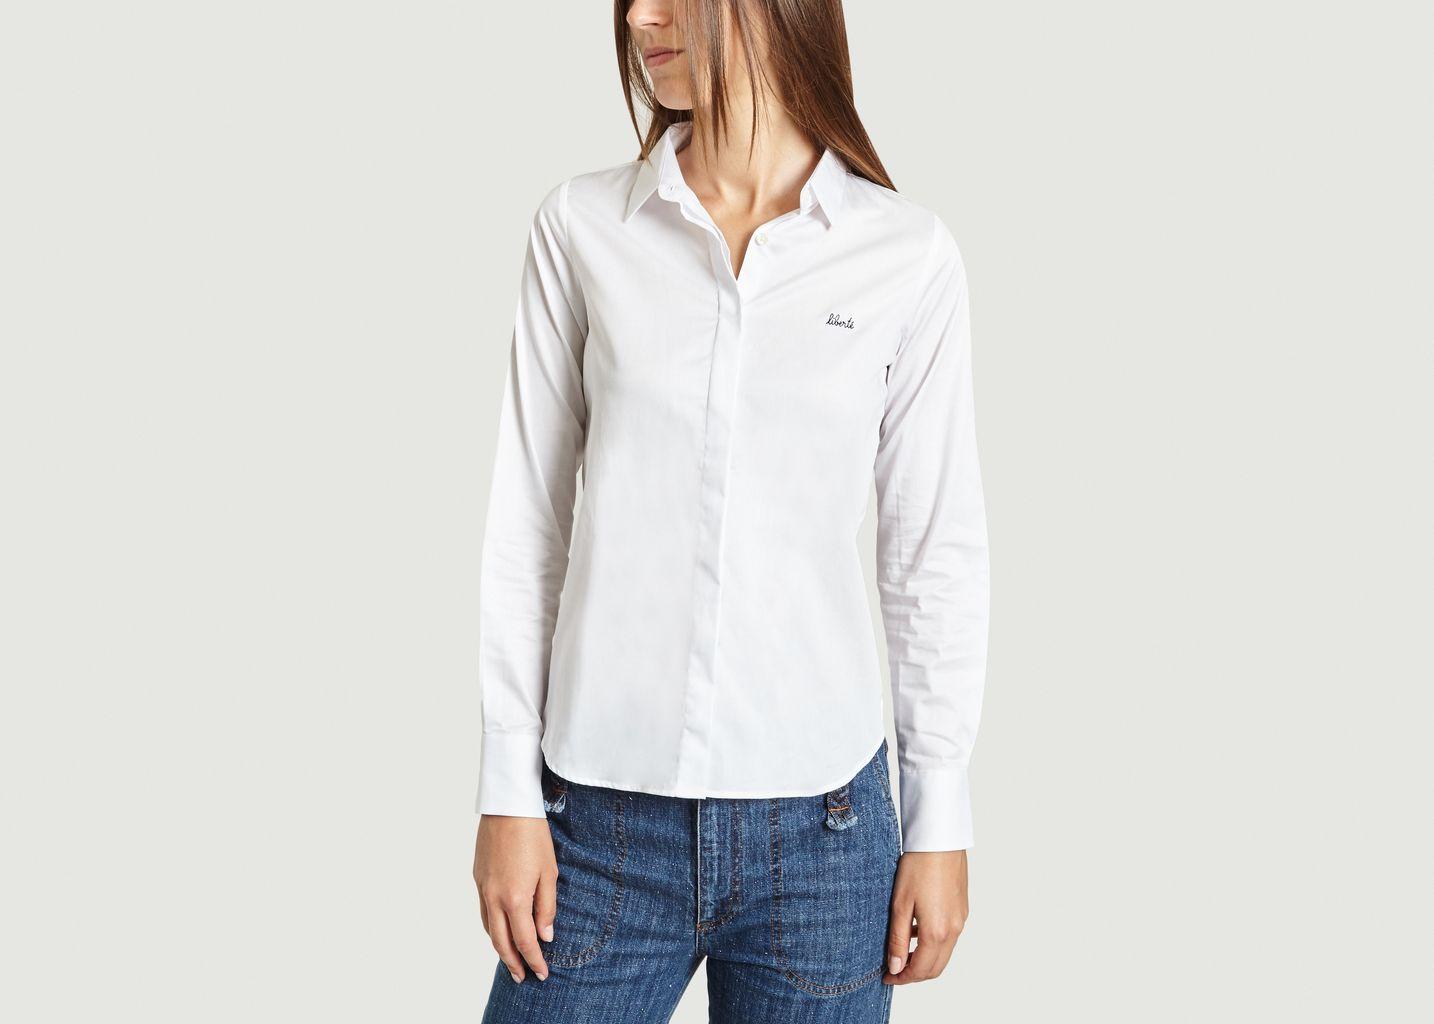 Chemise Liberté  - Maison Labiche